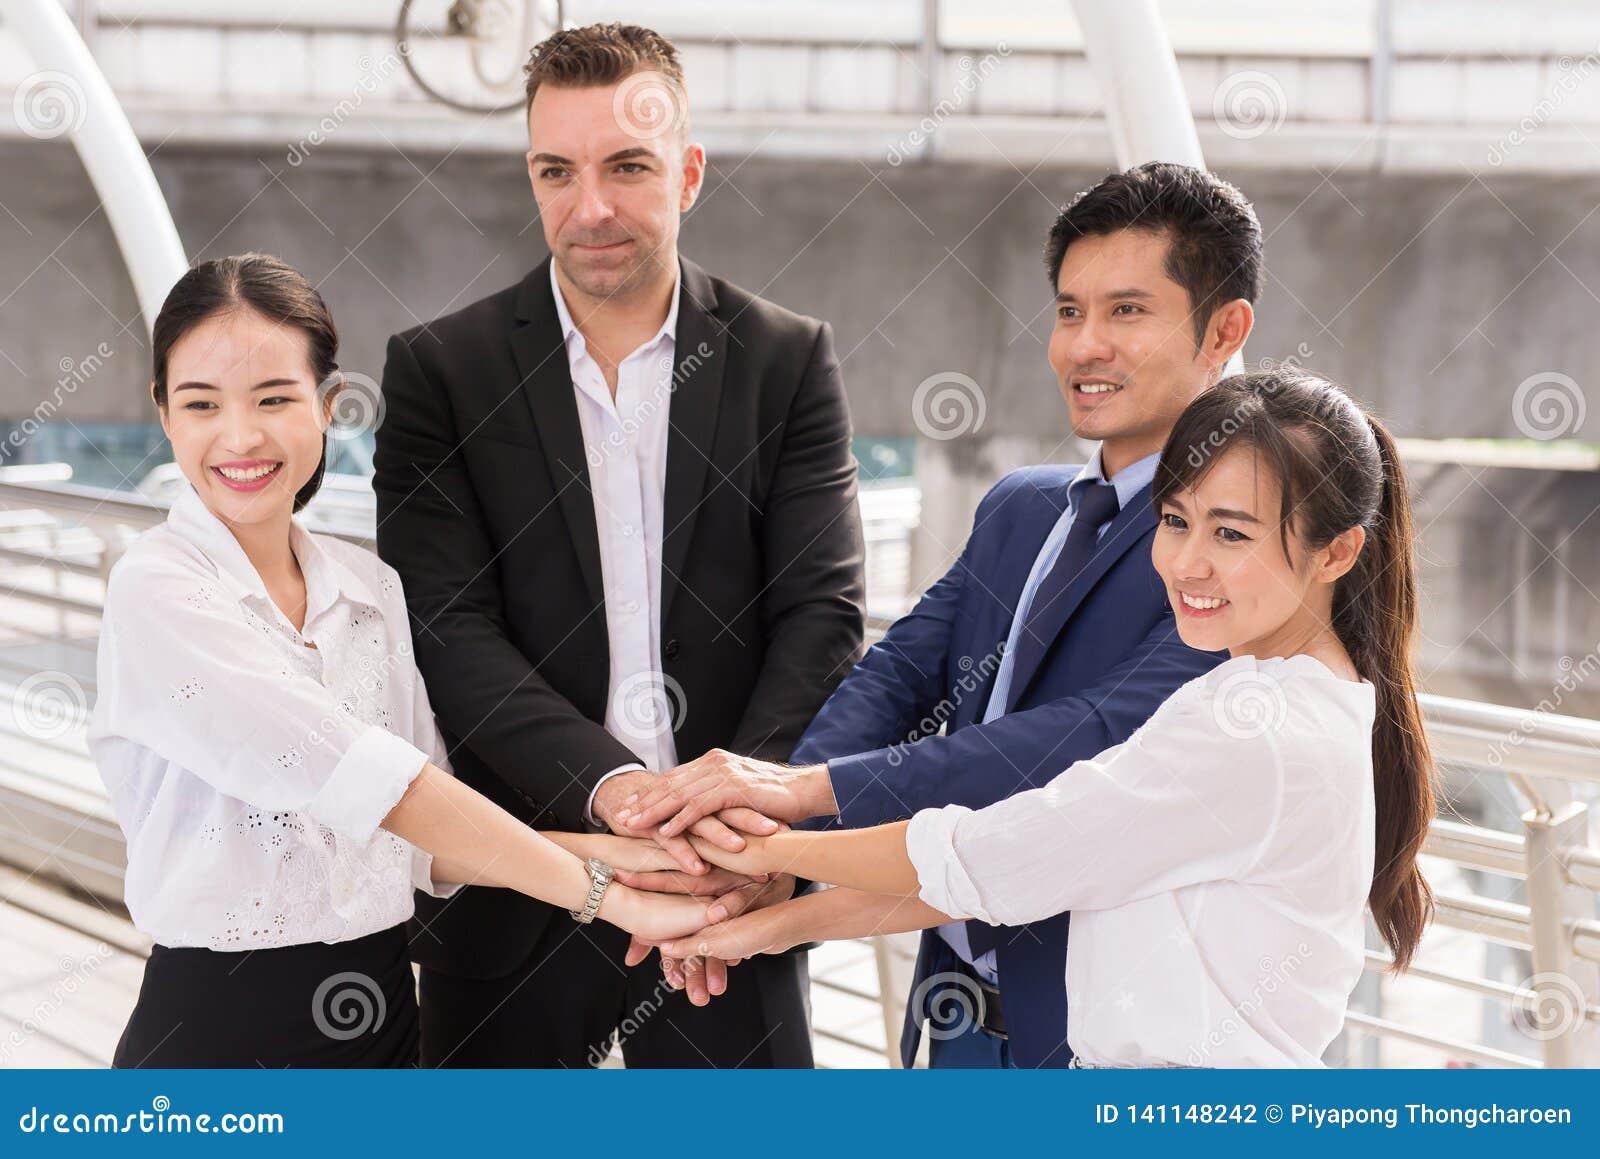 Los hombres de negocios se unen al éxito de las manos para tratar, trabajo del equipo para alcanzar las metas al aire libre, coor